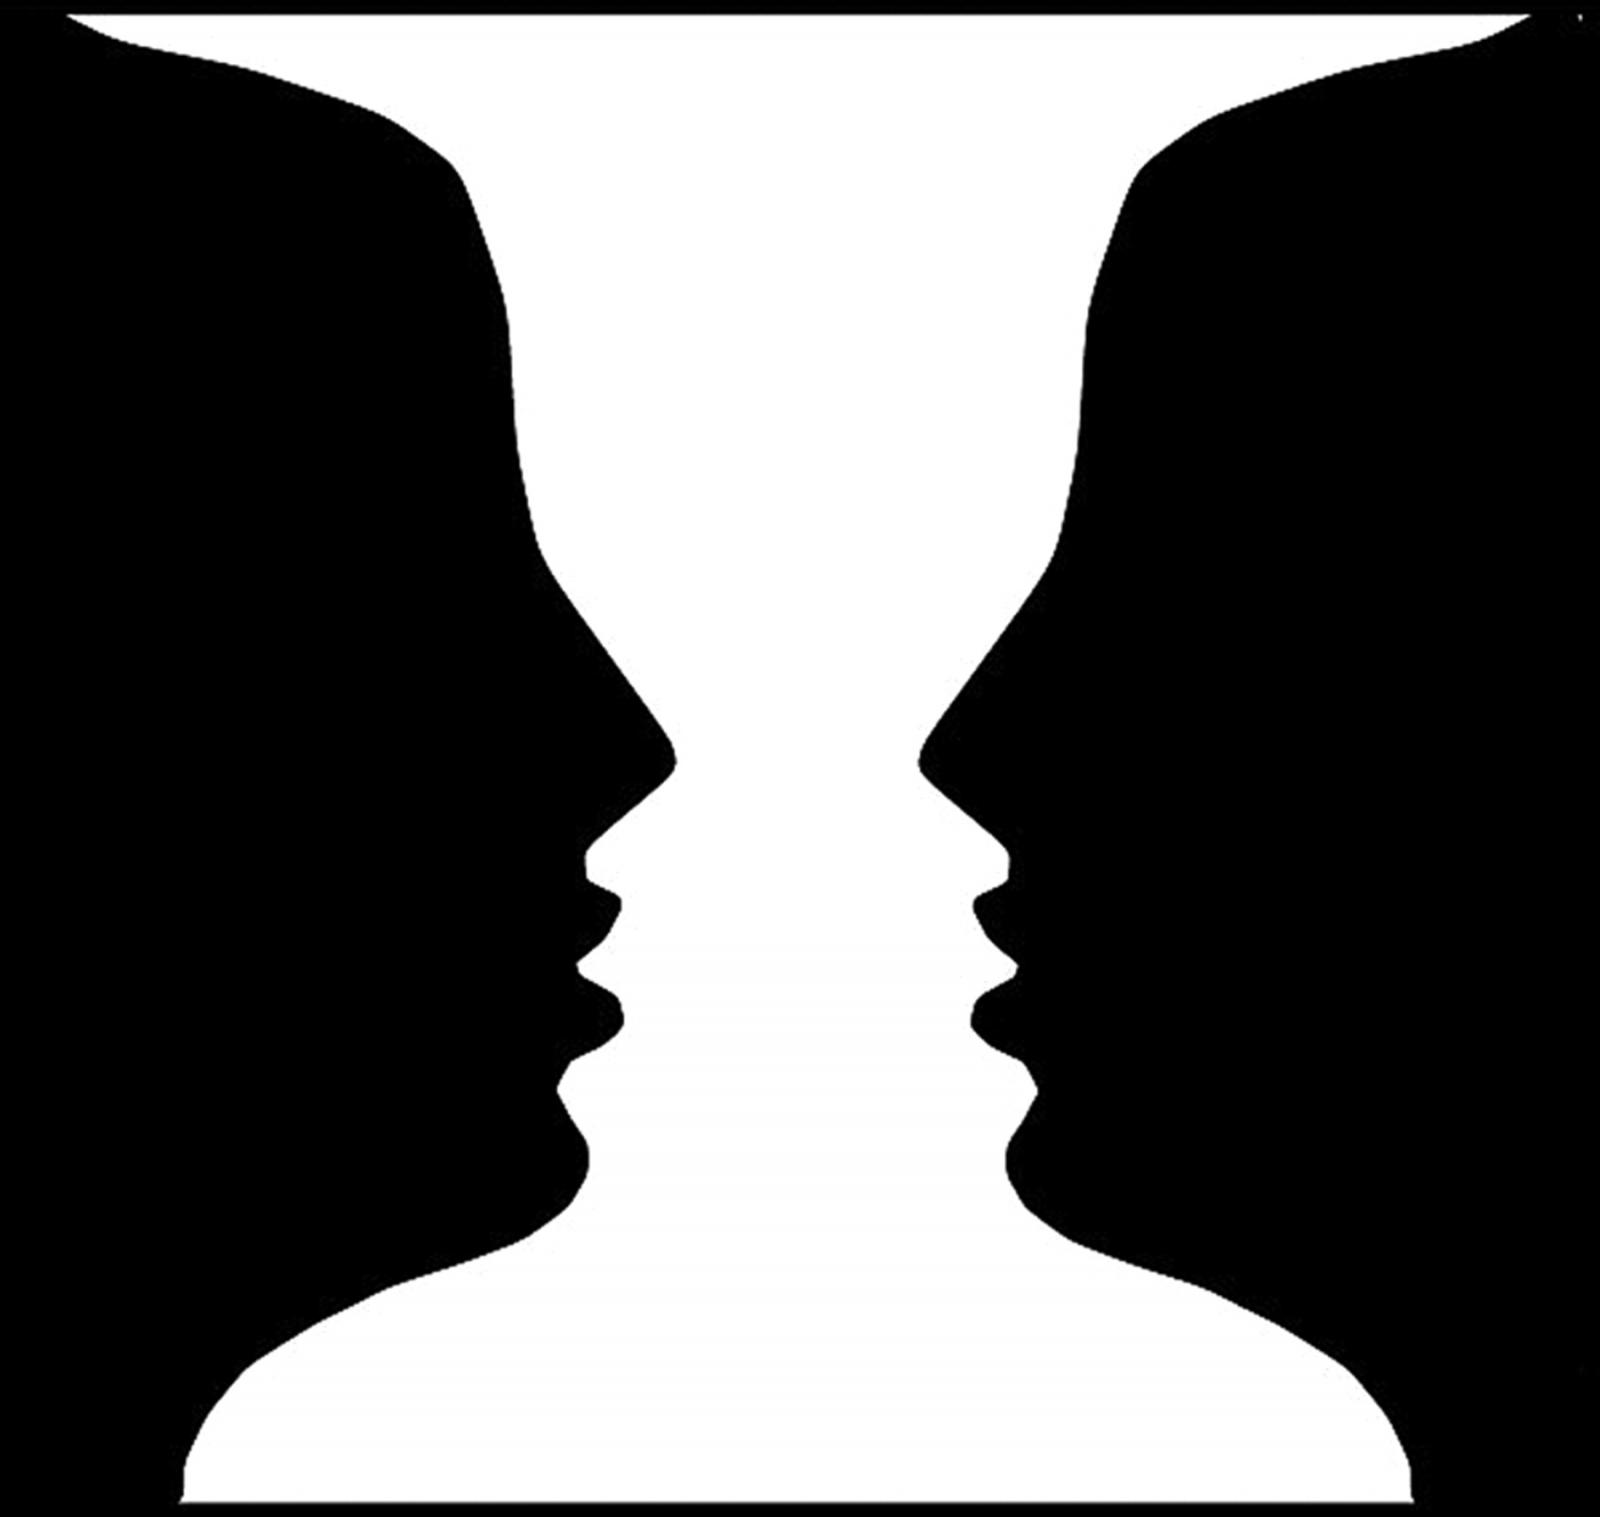 """Ảo ảnh thị giác """"đau não"""" nhất: Bức hình này nền trắng, hay nền đen?"""